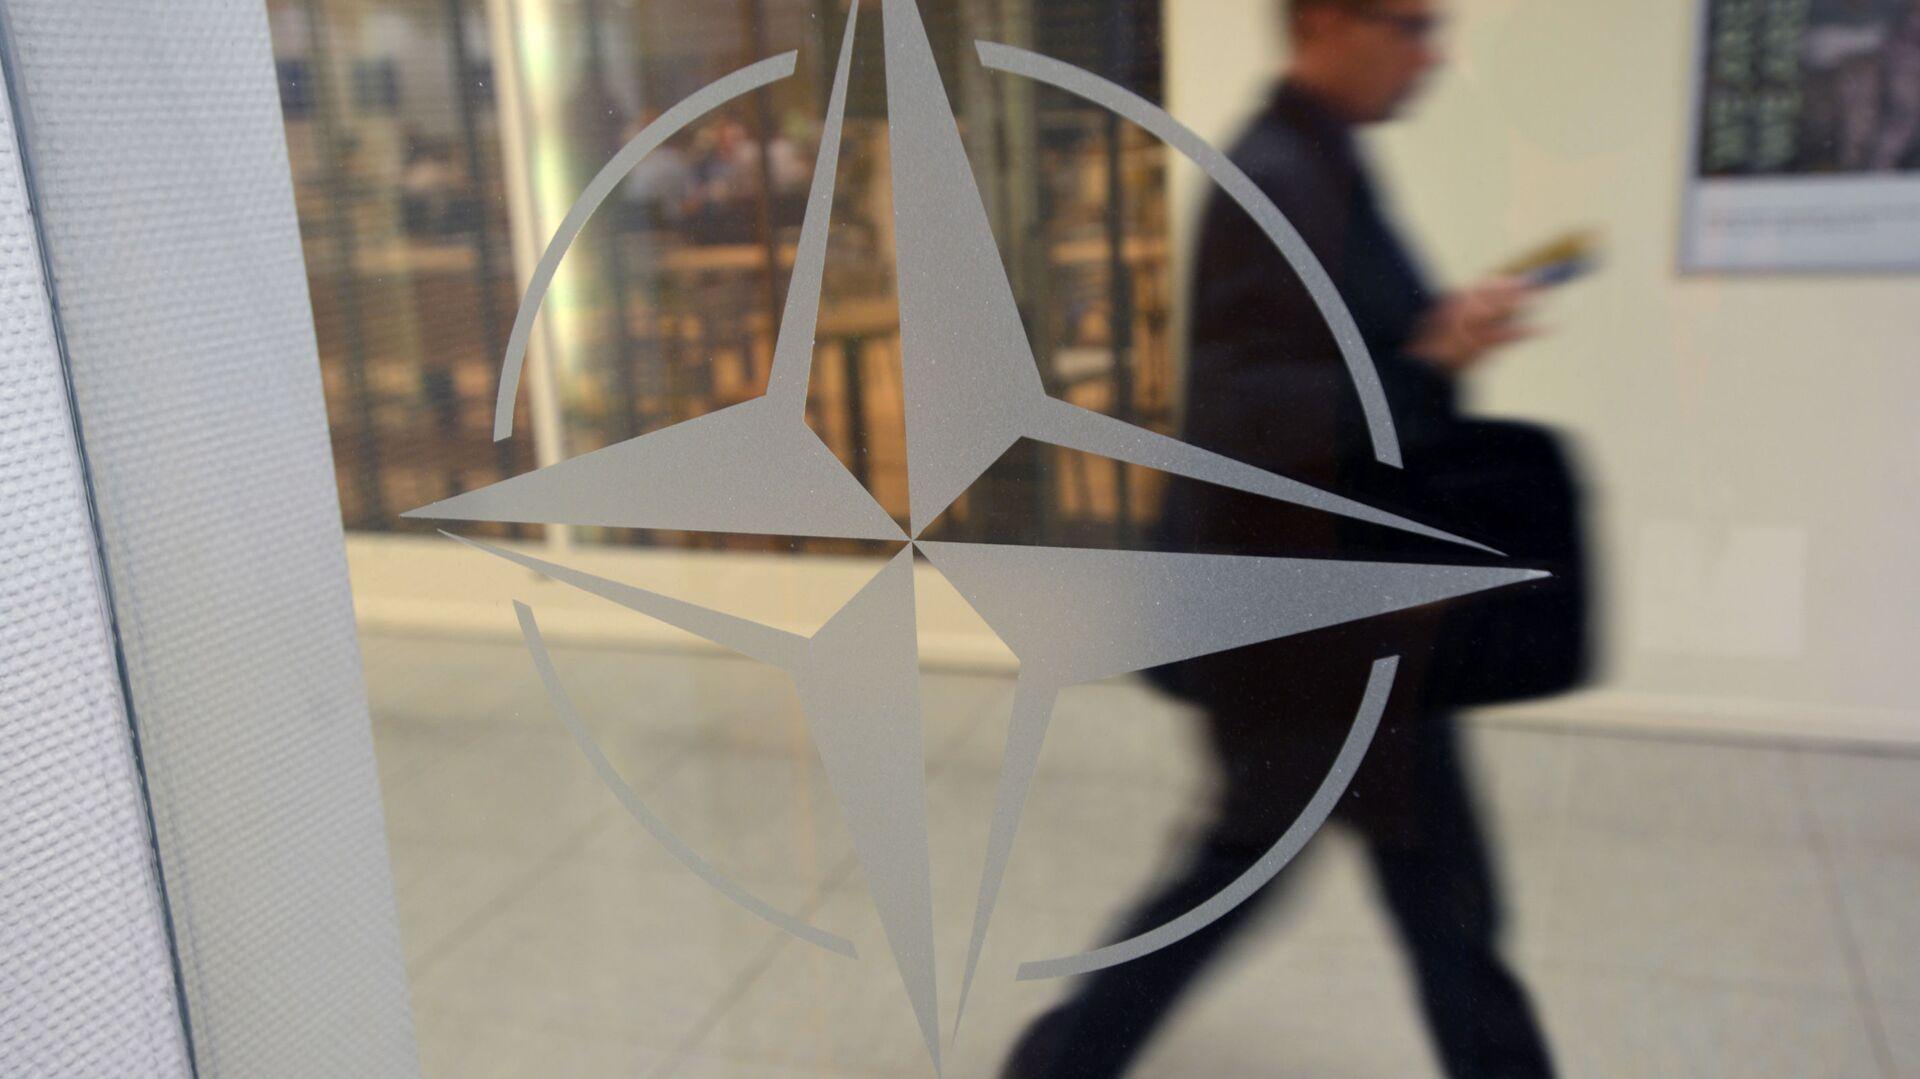 Godło organizacji w siedzibie głównej NATO w Brukseli, Belgia - Sputnik Polska, 1920, 20.08.2021